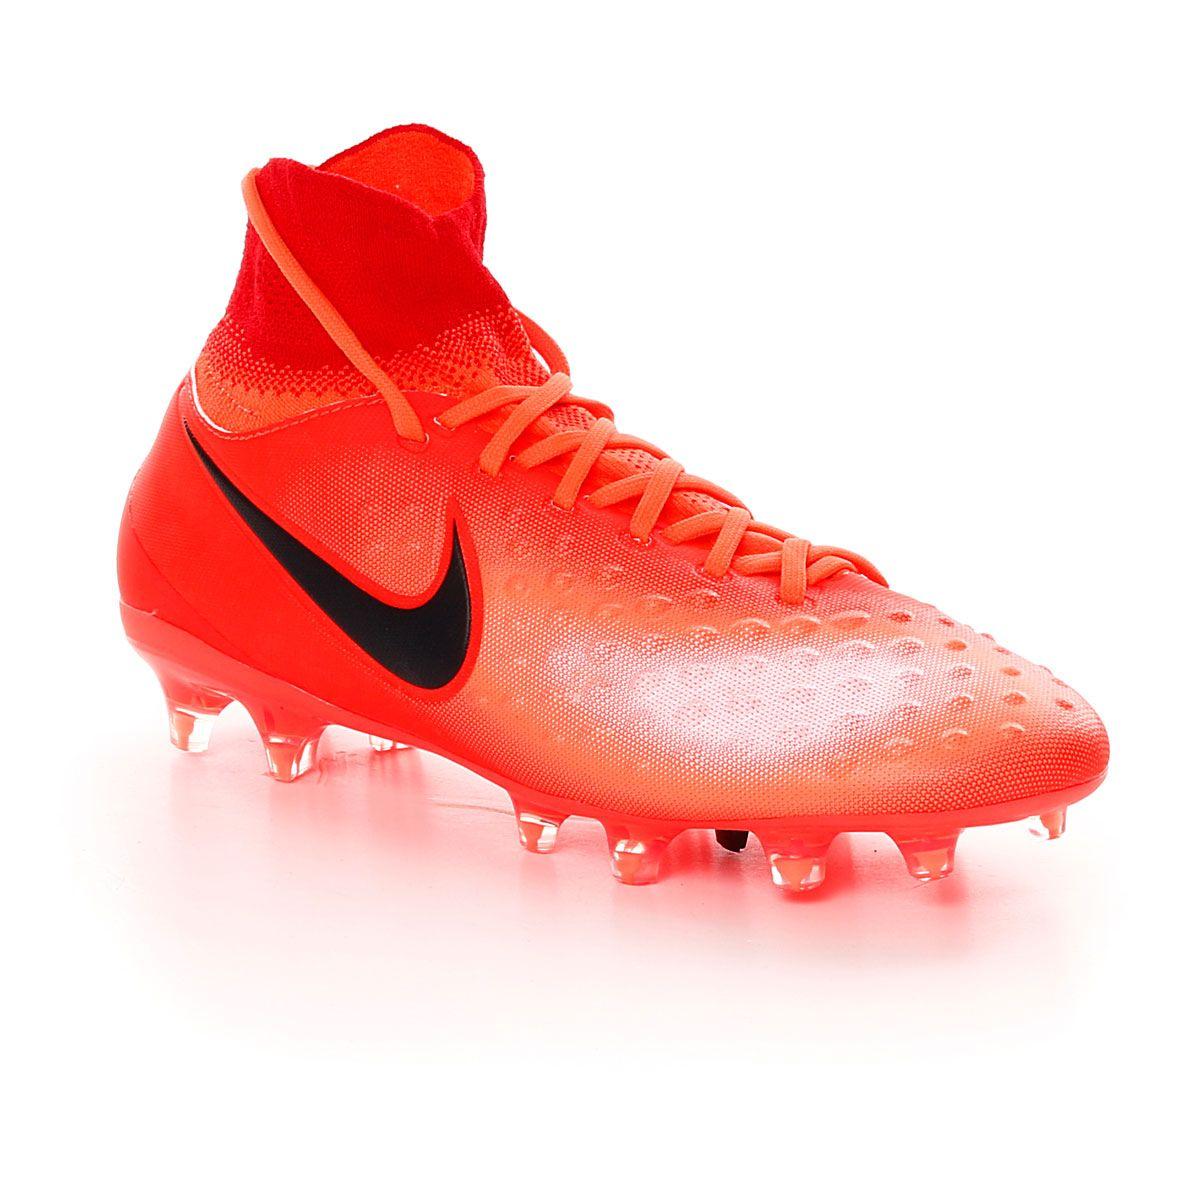 Nike Jr Magista Obra Ii Fg